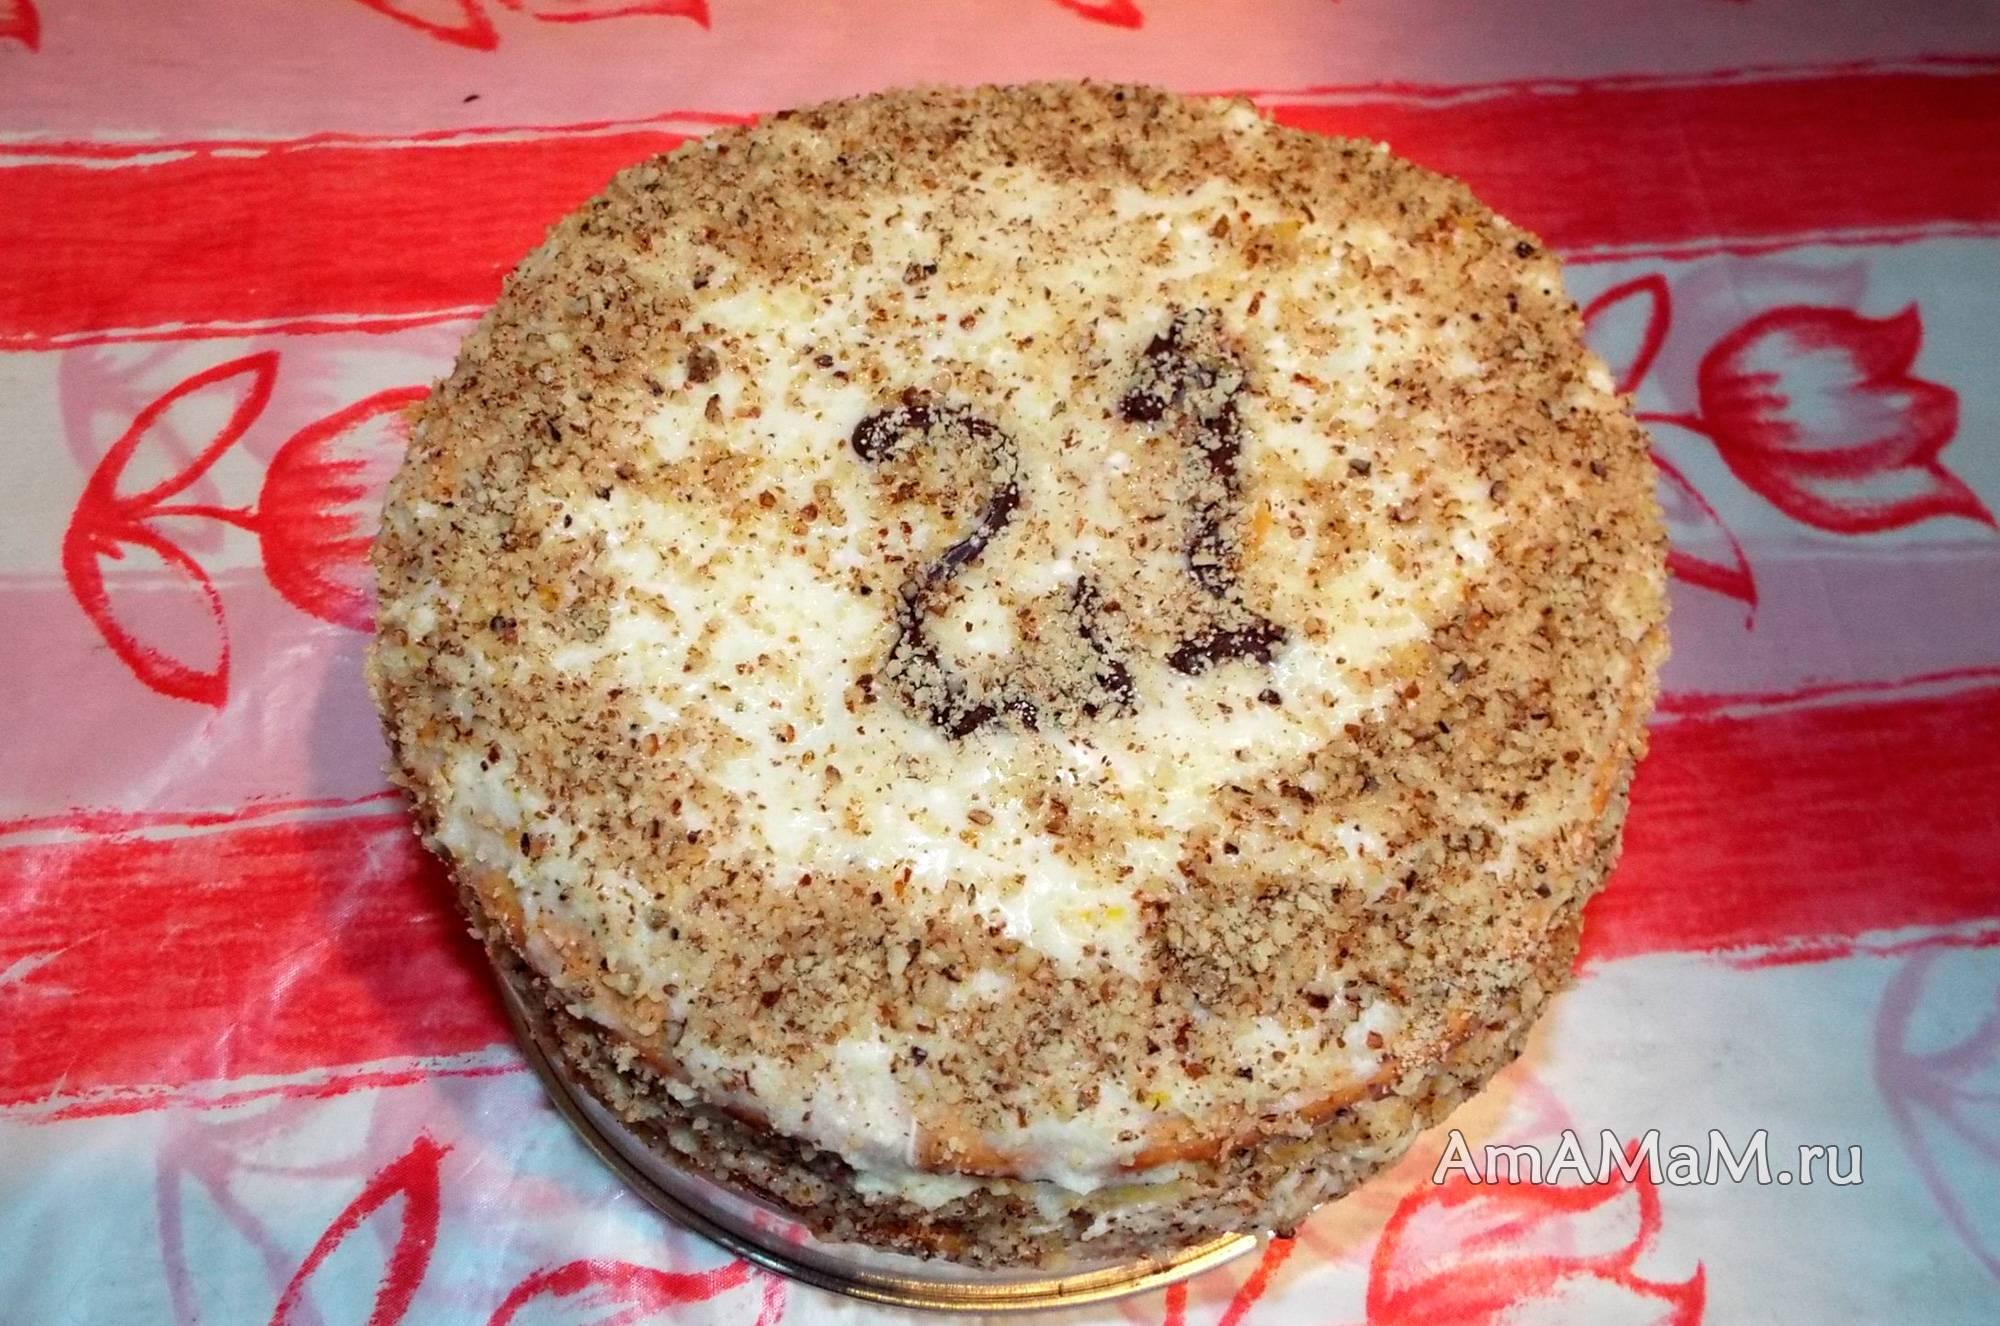 Ванильный торт наполеон из слоеного теста с орехами